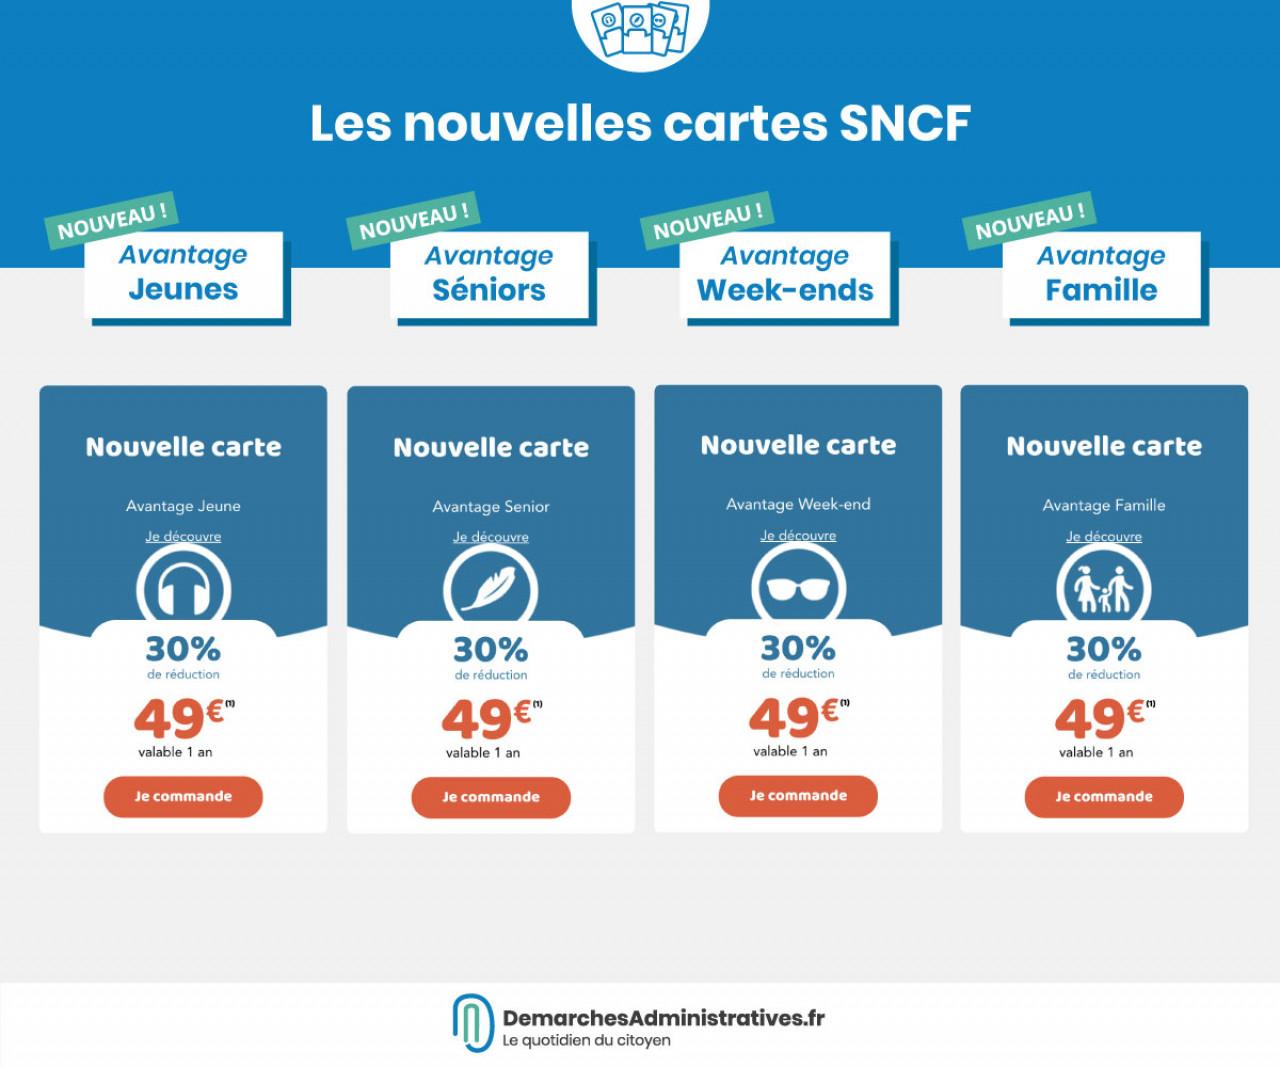 avantage carte jeune sncf Nouveaux tarifs et cartes SNCF 2019